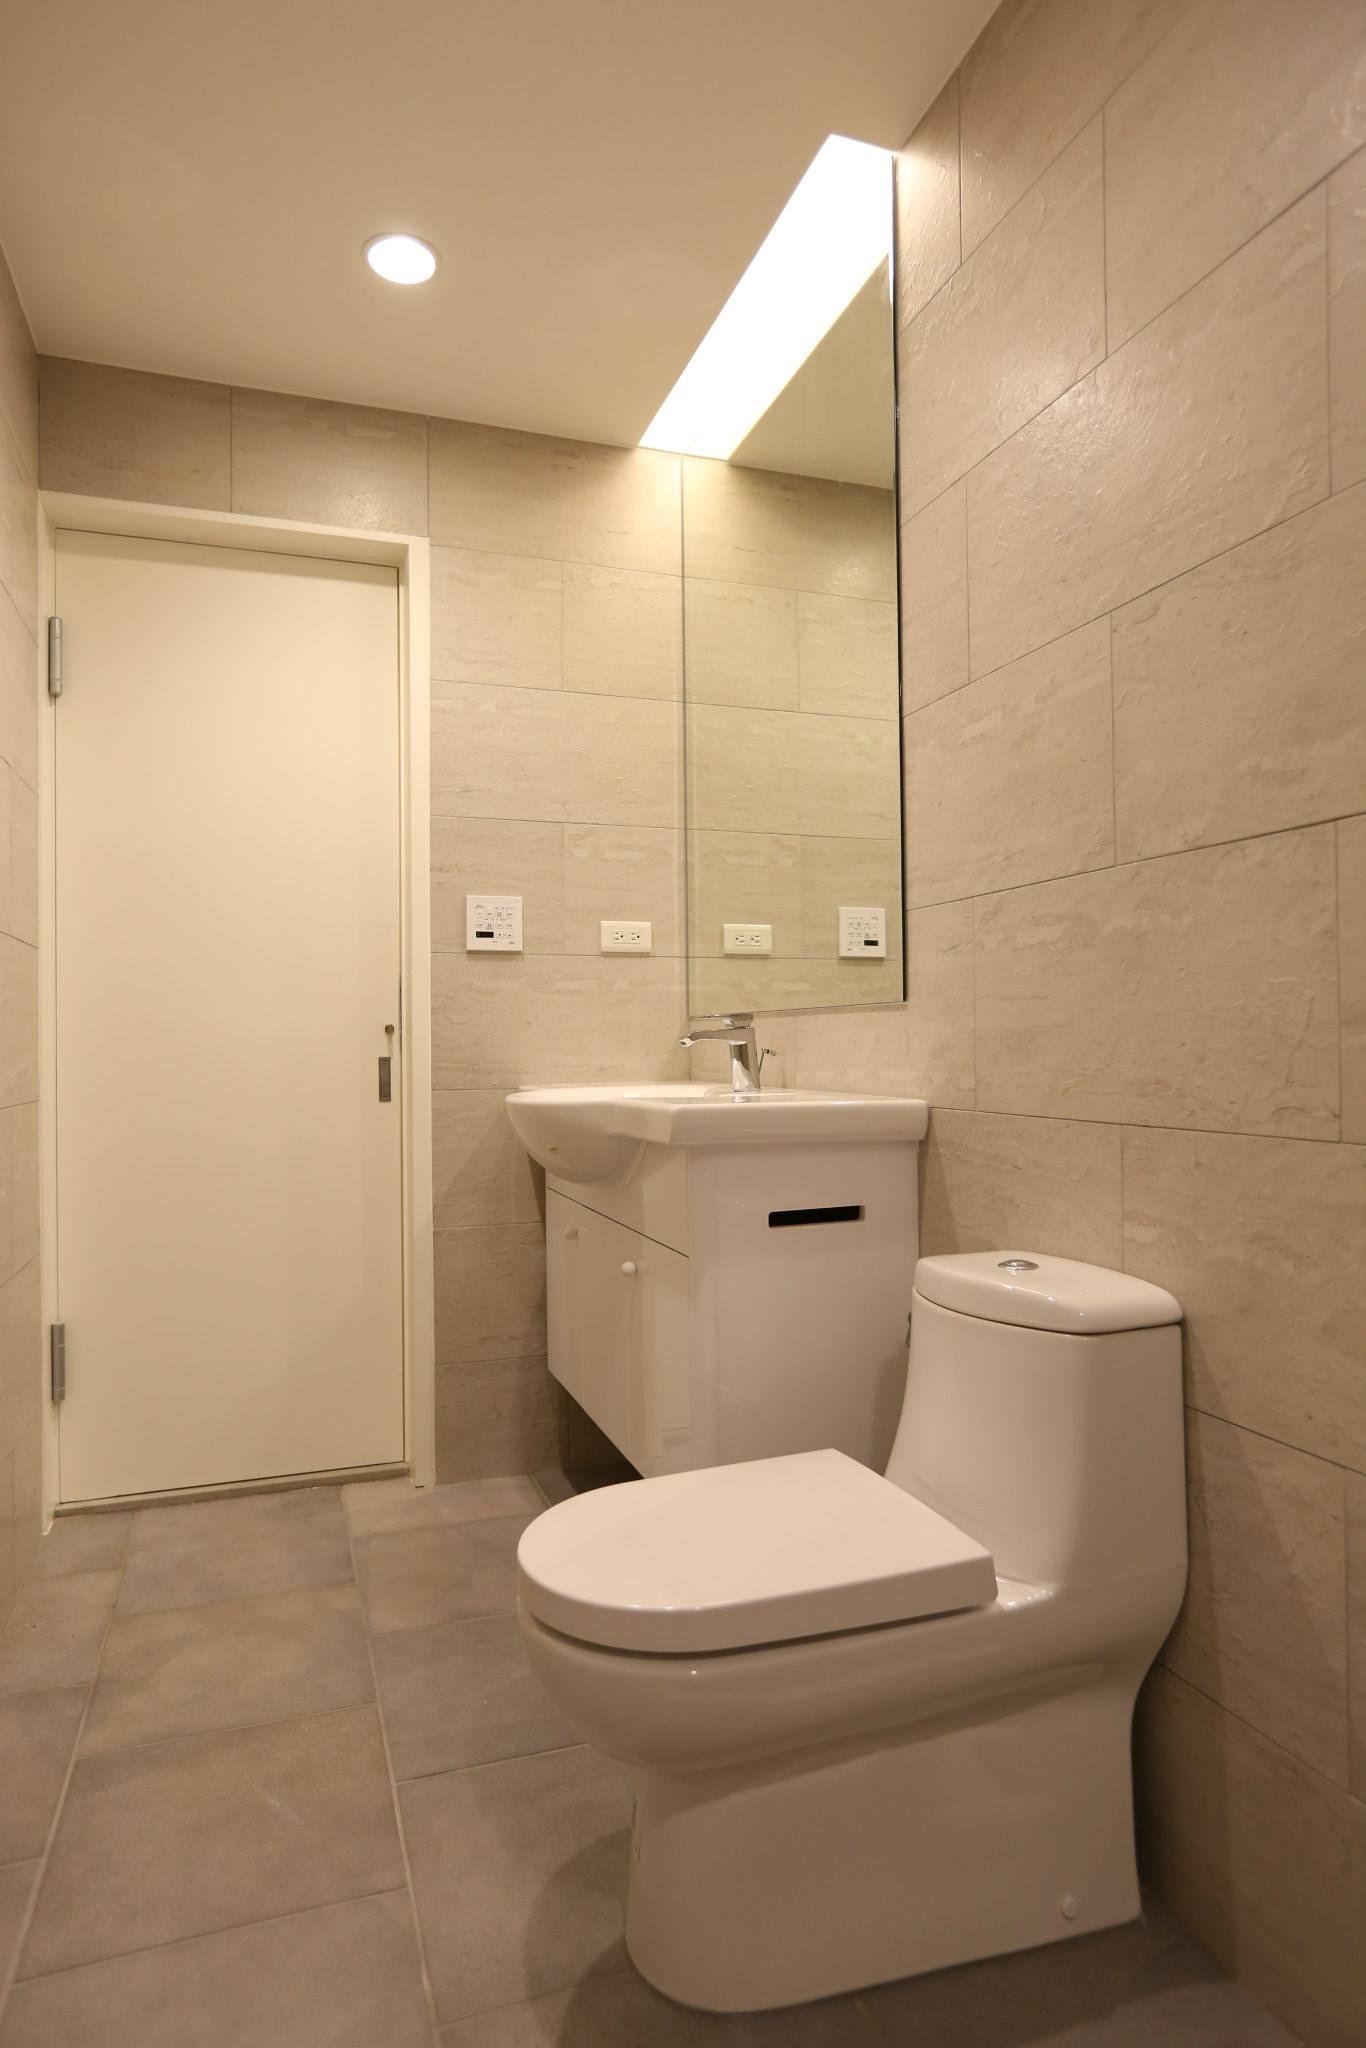 客廁:地磚是我們搭配的,灰色調配上白色浴櫃非常大方清爽